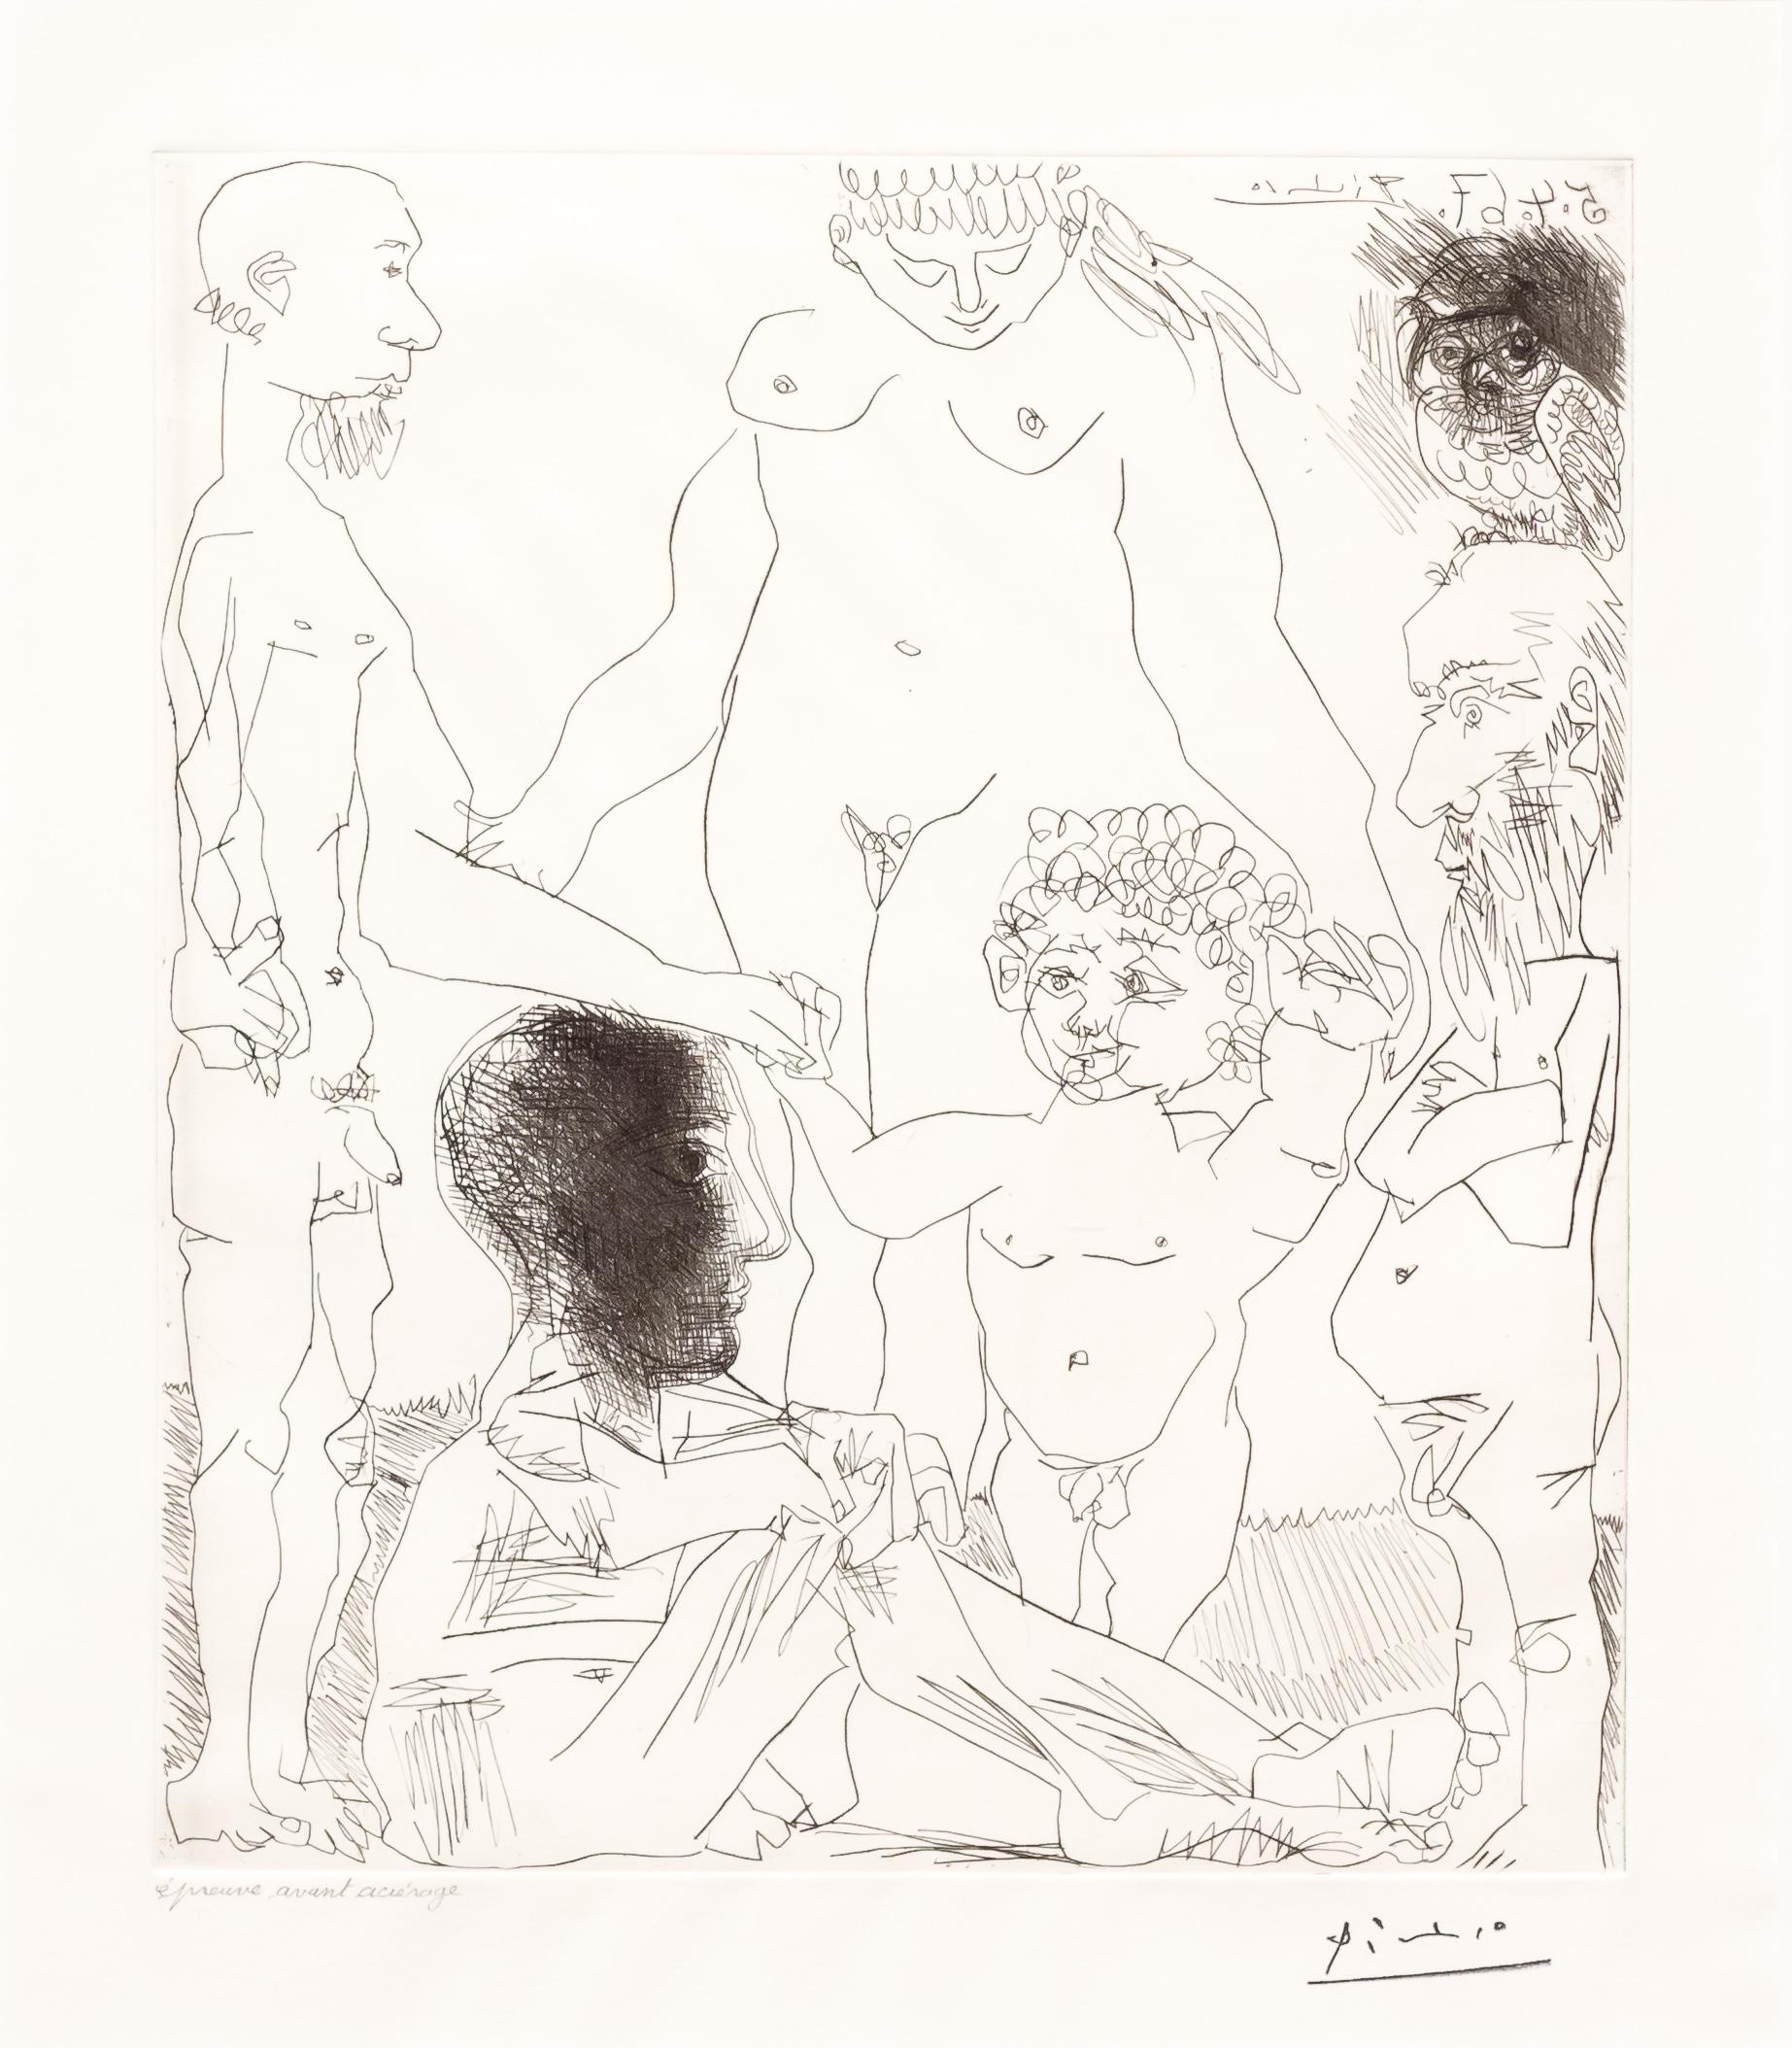 Reflexion du Peintre sur la Vie, from the 60 Series by Pablo Picasso